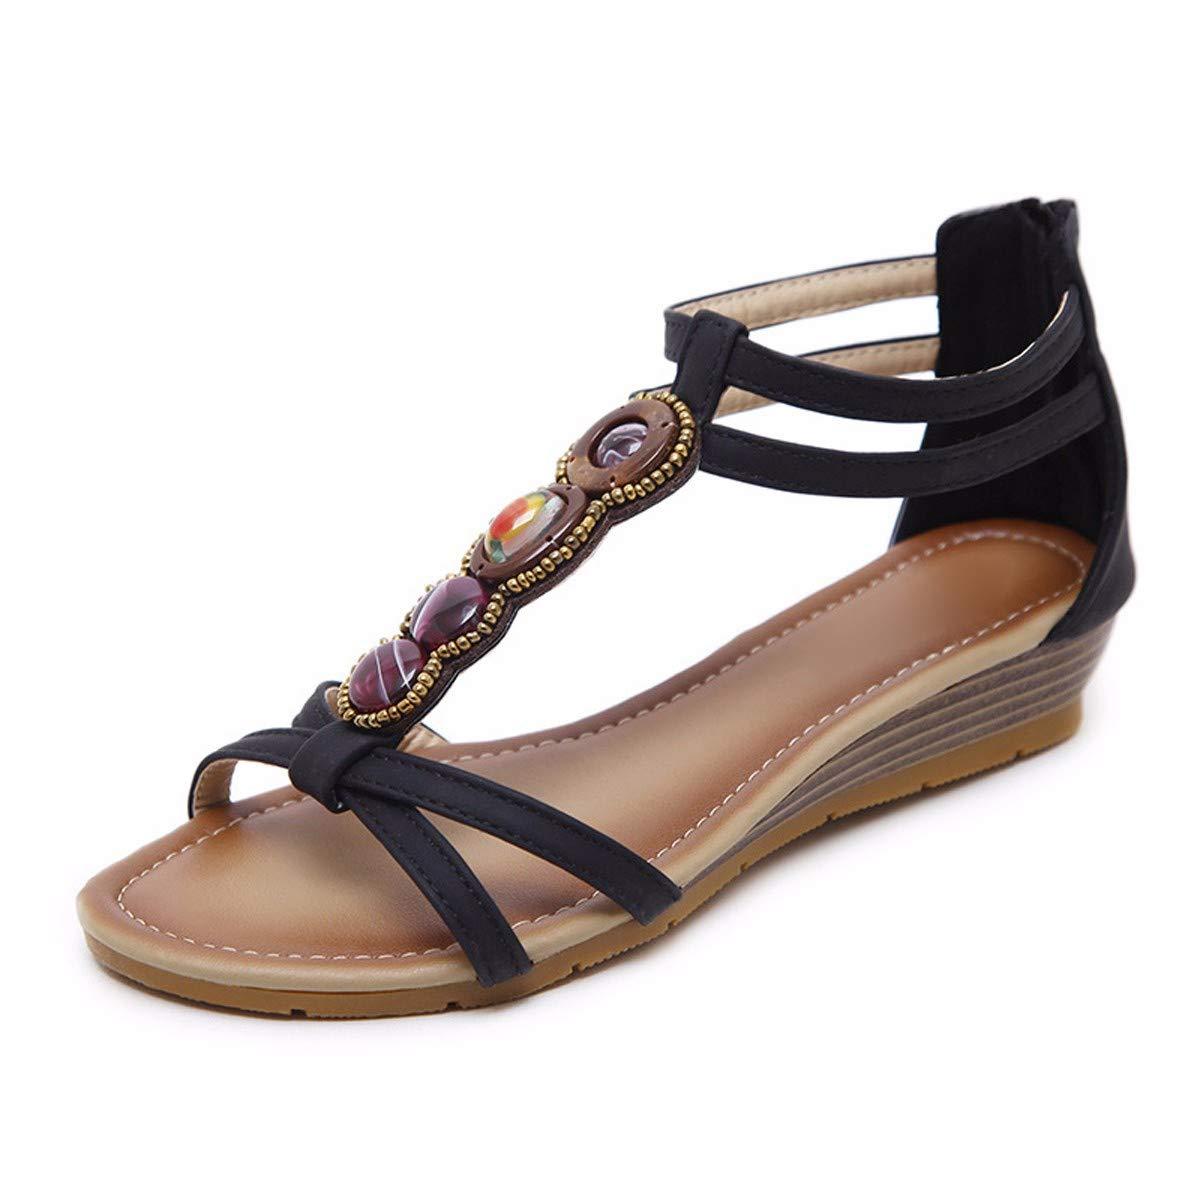 KPHY-Nationale Frauen - - - Sandalen Urlaub Retro - Piste Mode - Sandalen Und Kleider.35 Schwarz - fce90f